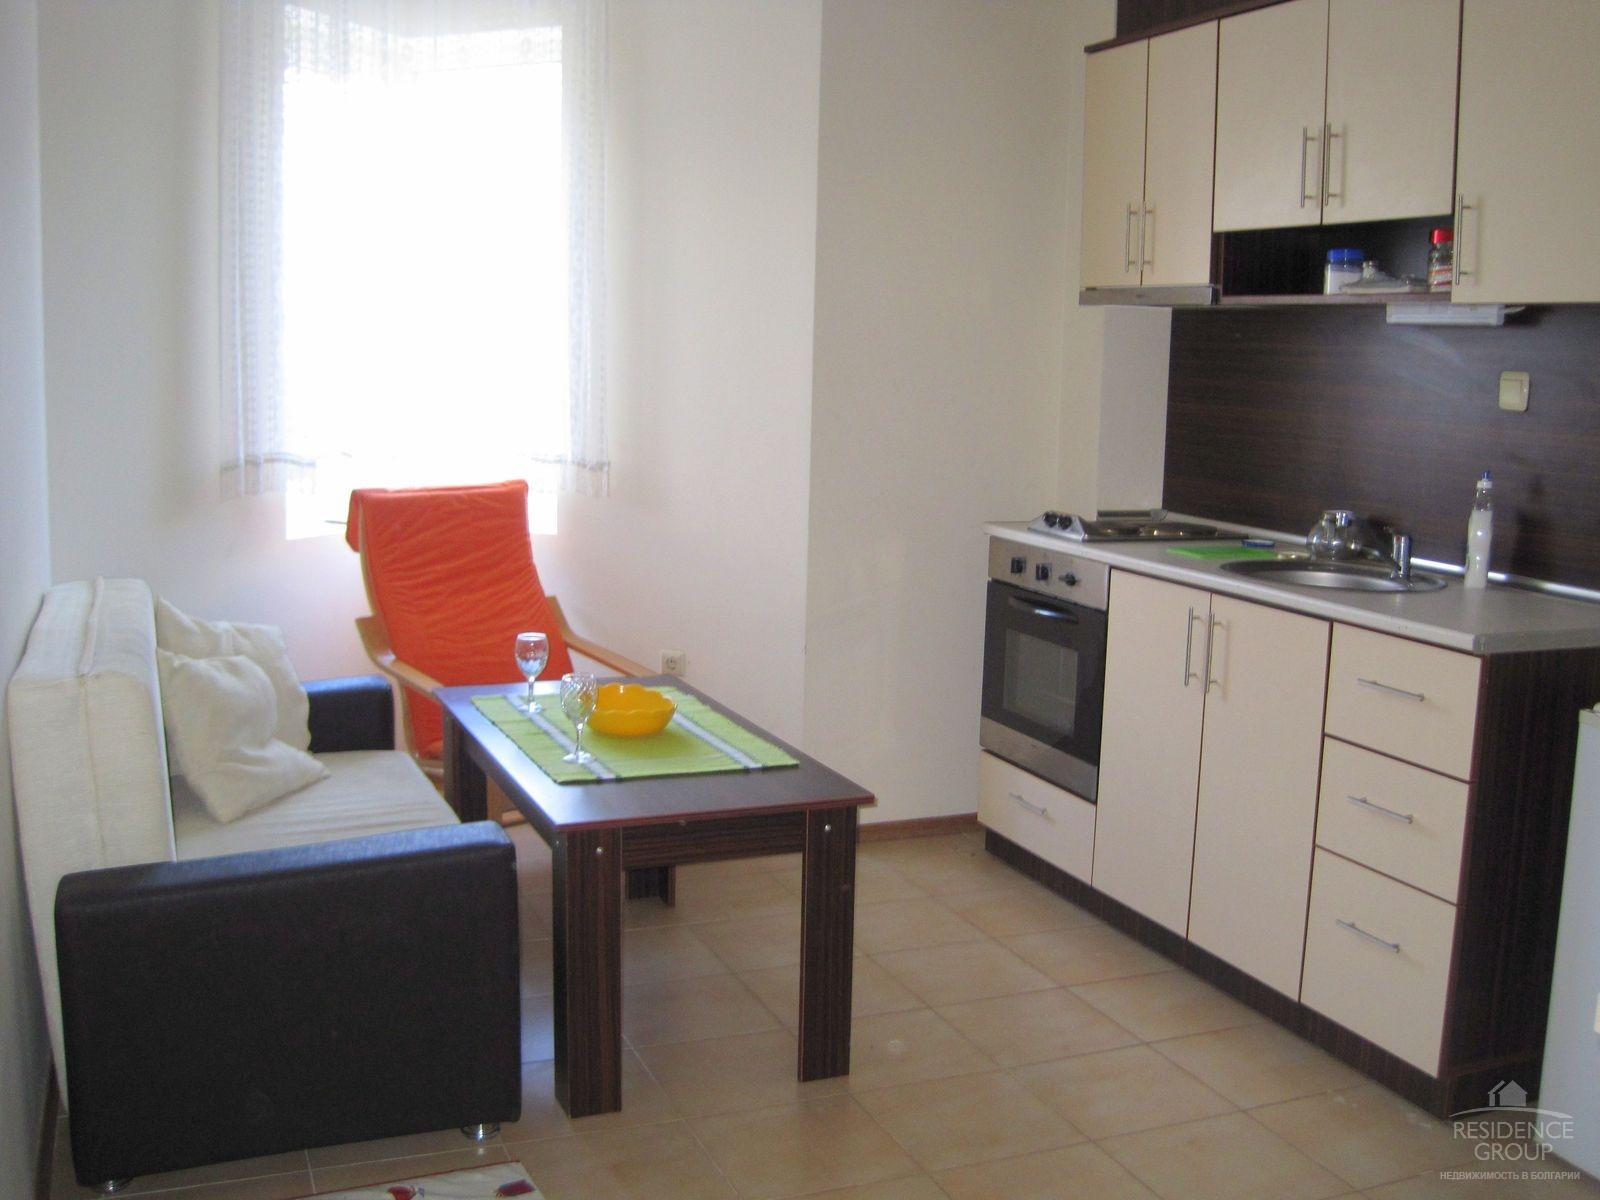 Апартаменты в болгарии купить дешево у моря